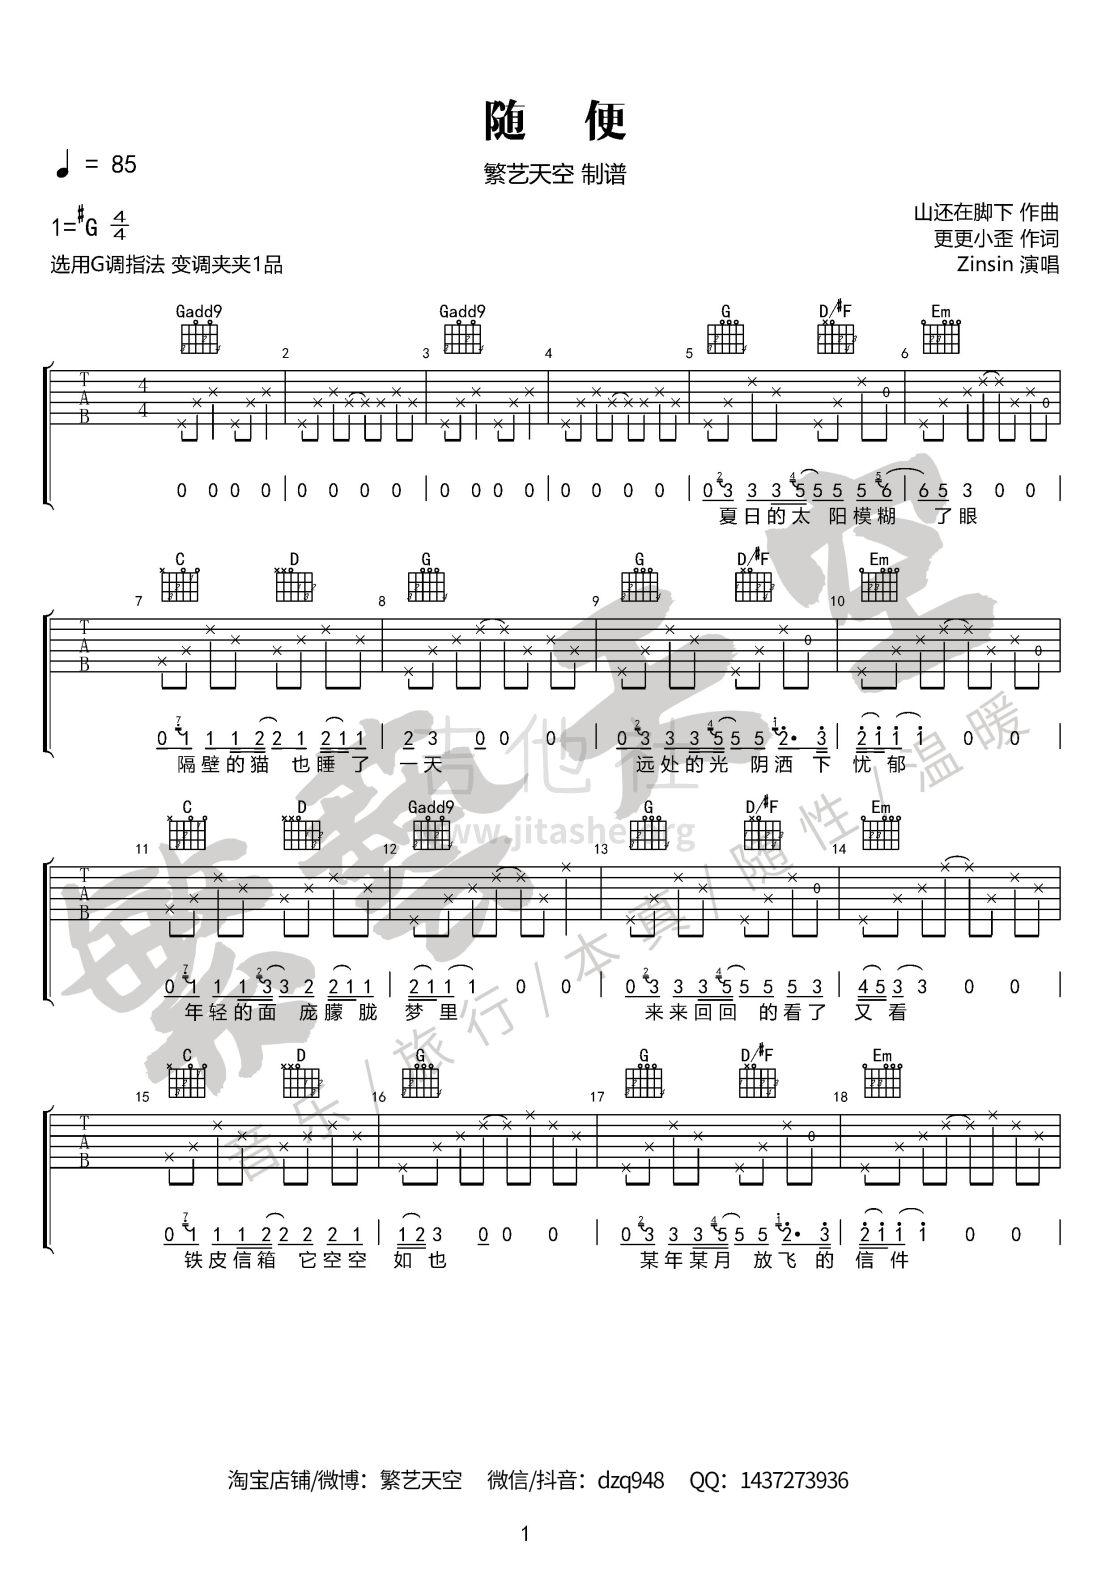 随便(Zinsin版本)( 繁艺天空制谱)吉他谱(图片谱,弹唱)_群星(Various Artists)_随便_页面_1.jpg